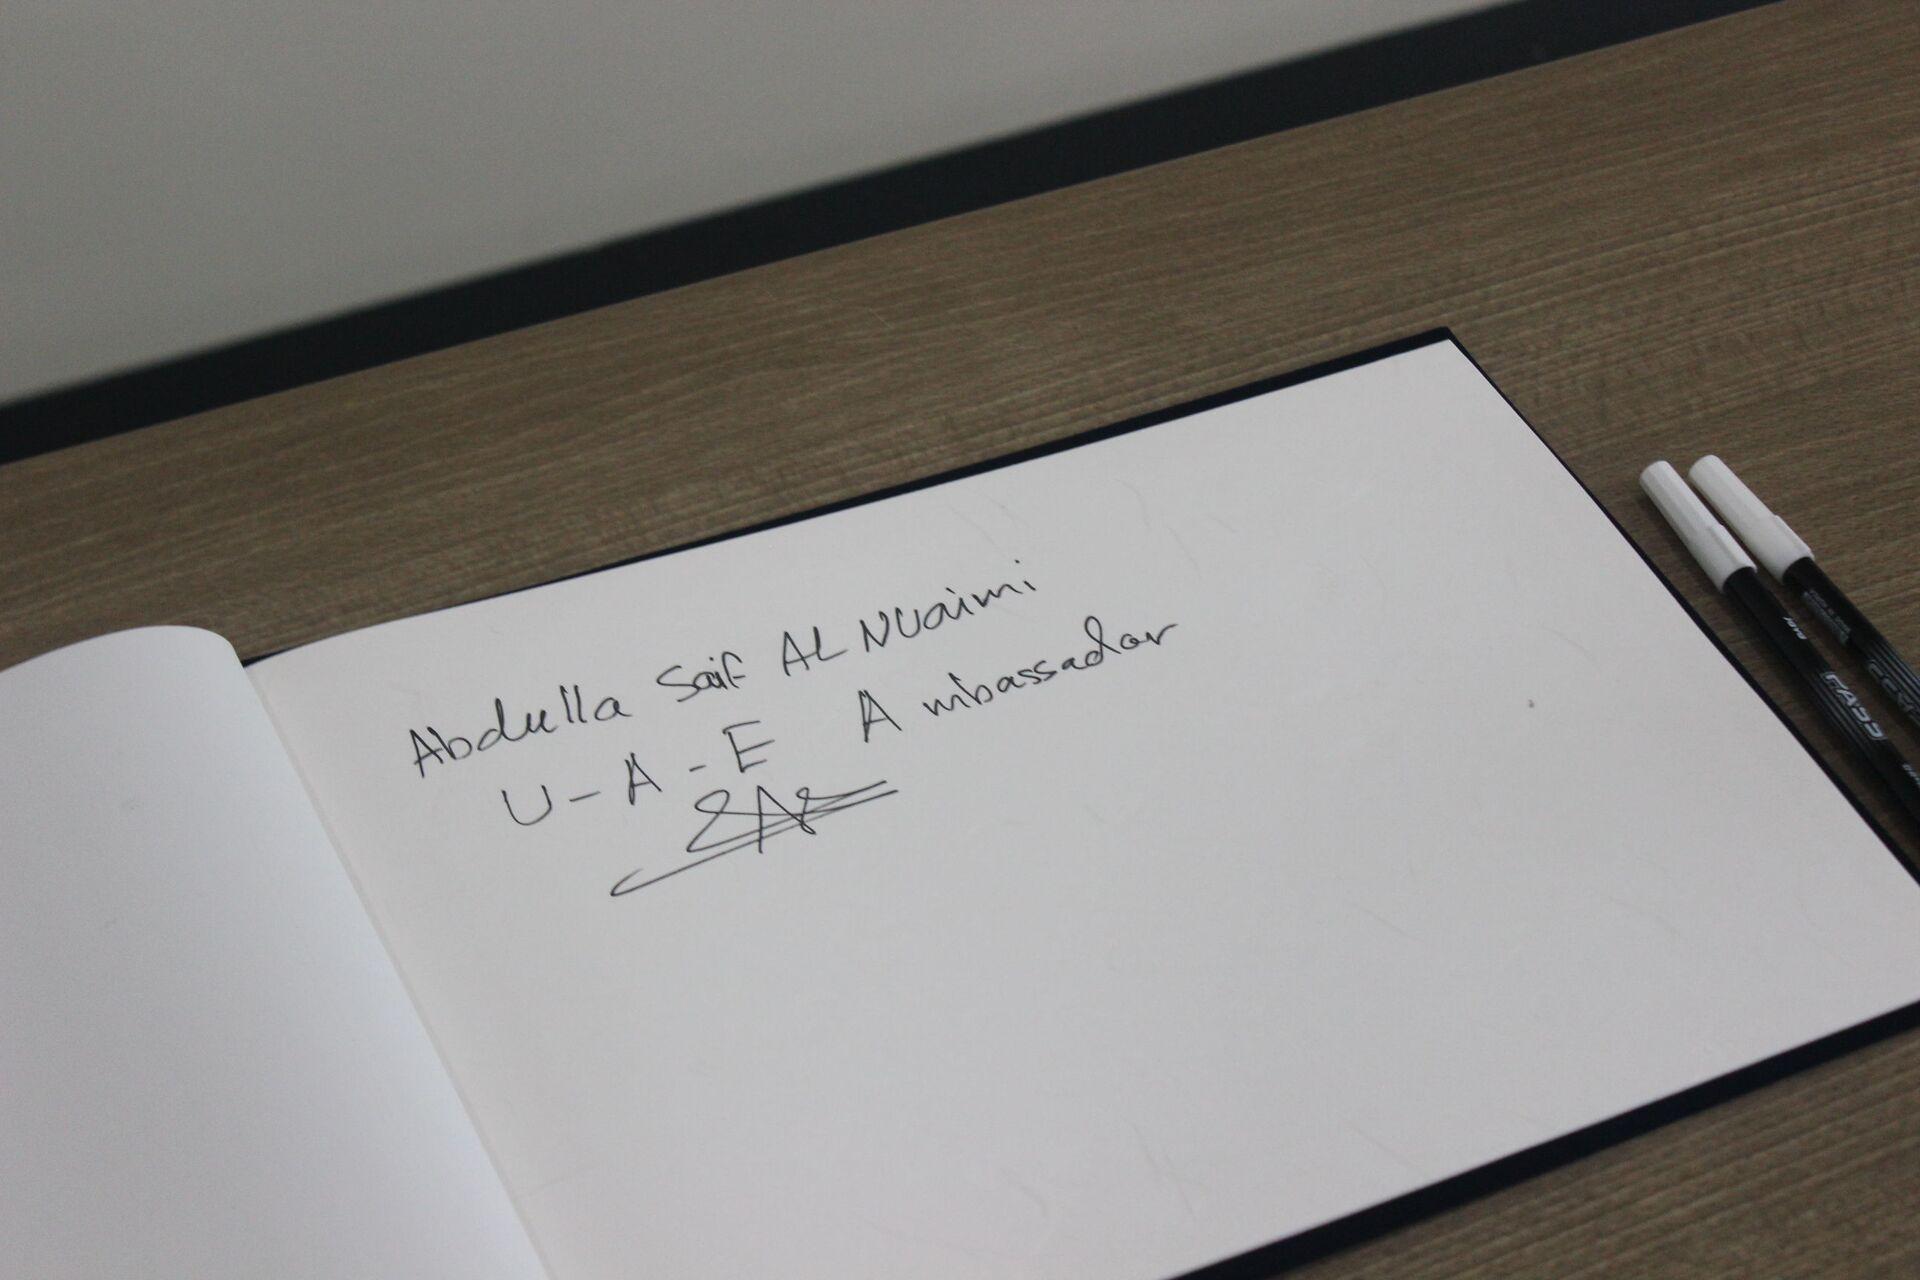 La firma dell'ambasciatore dell'UAE Abdulla Saif Al Nuaimi - Sputnik Italia, 1920, 18.05.2021